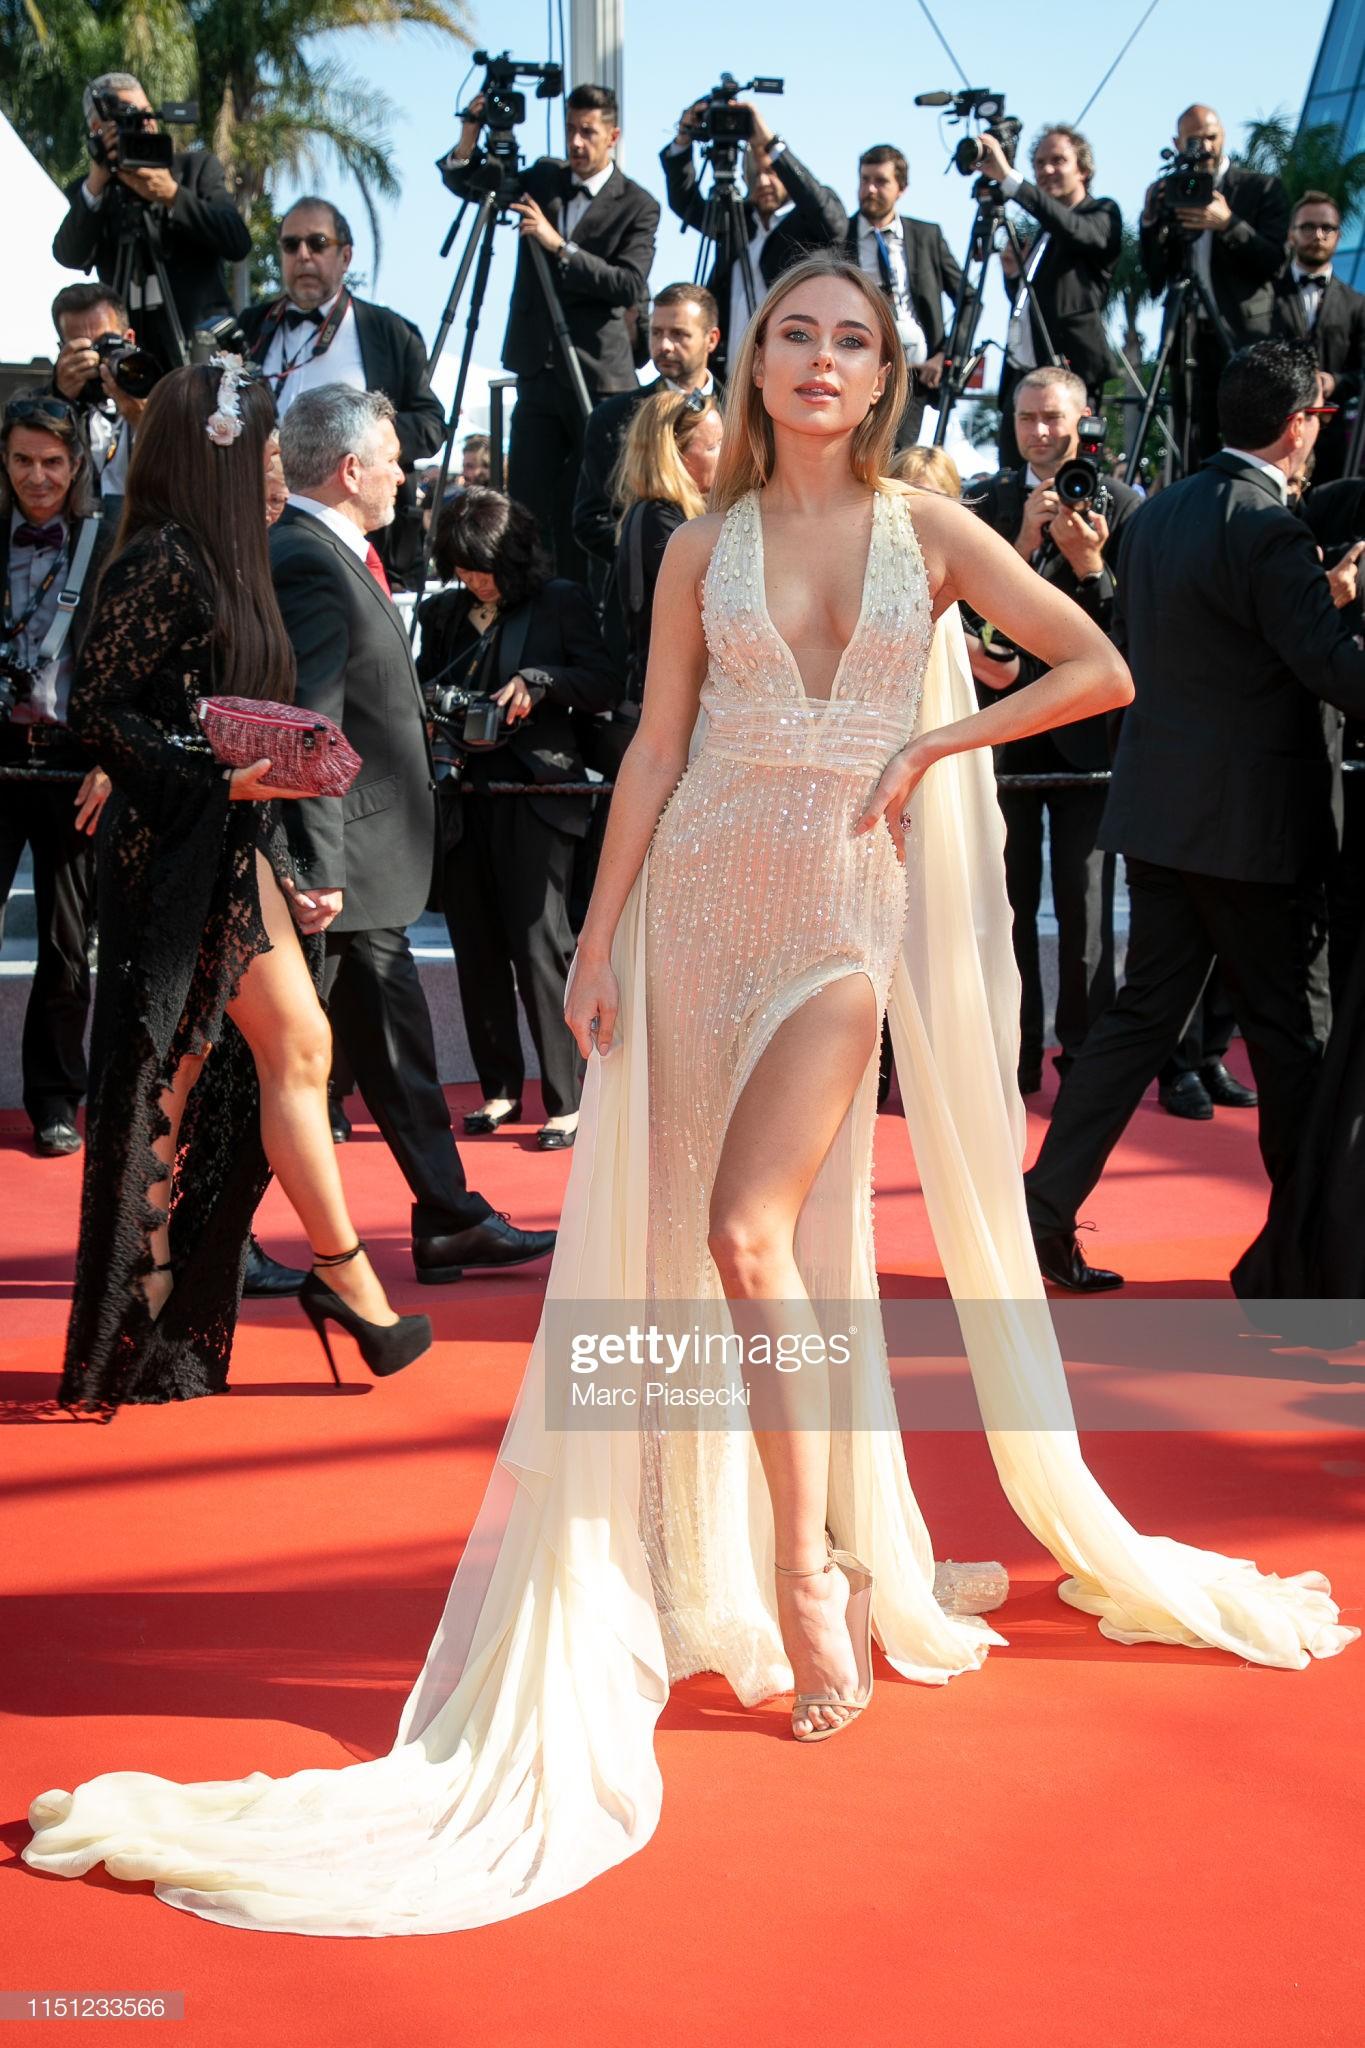 Thảm đỏ Cannes ngày 10: Các người đẹp thả rông ngực, cố tình làm trò lố vẫn bị truyền thông ngó lơ - Ảnh 3.